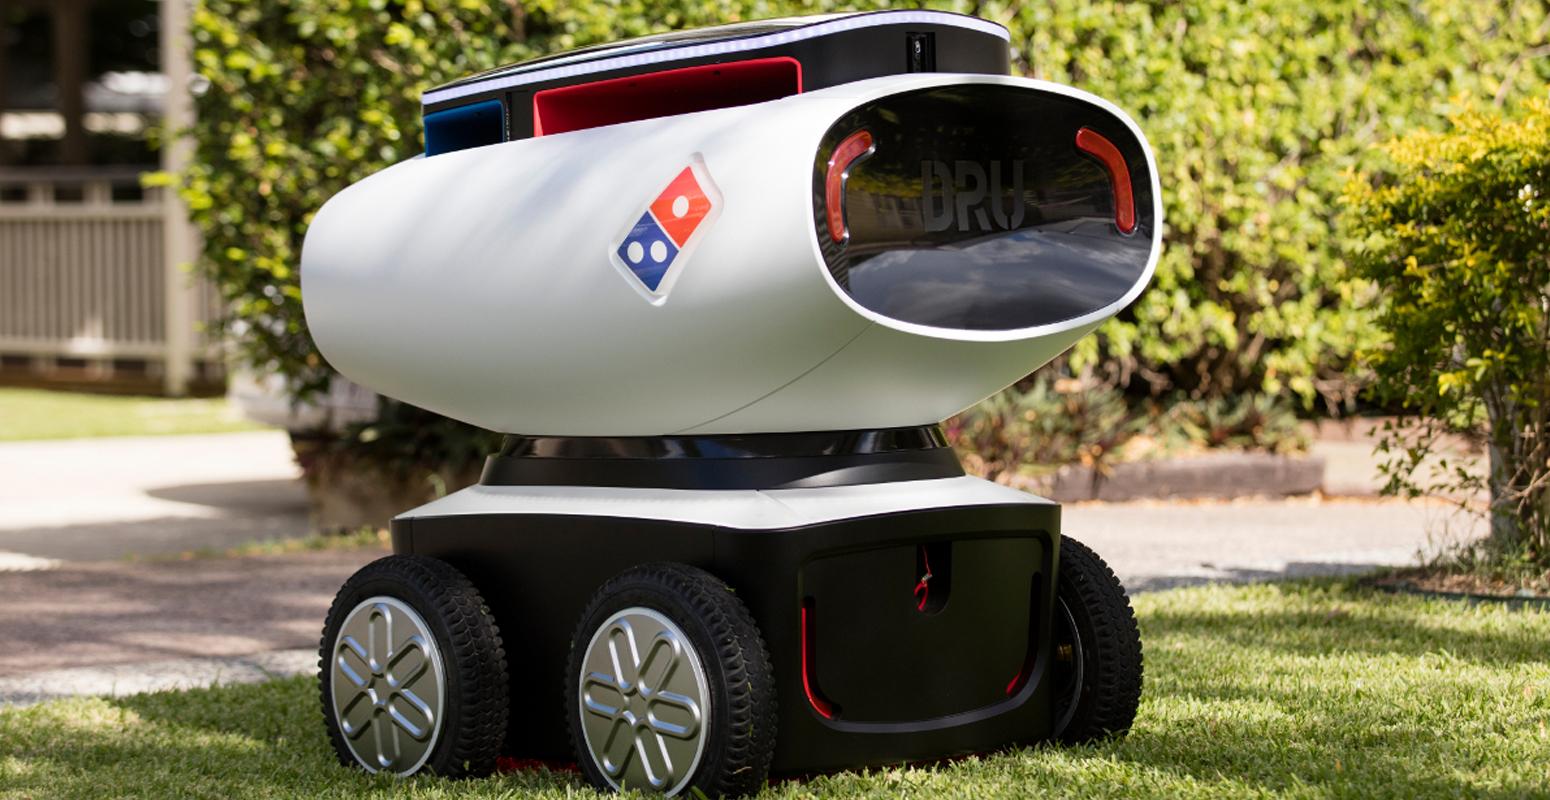 ドミノ ロボット デリバリー